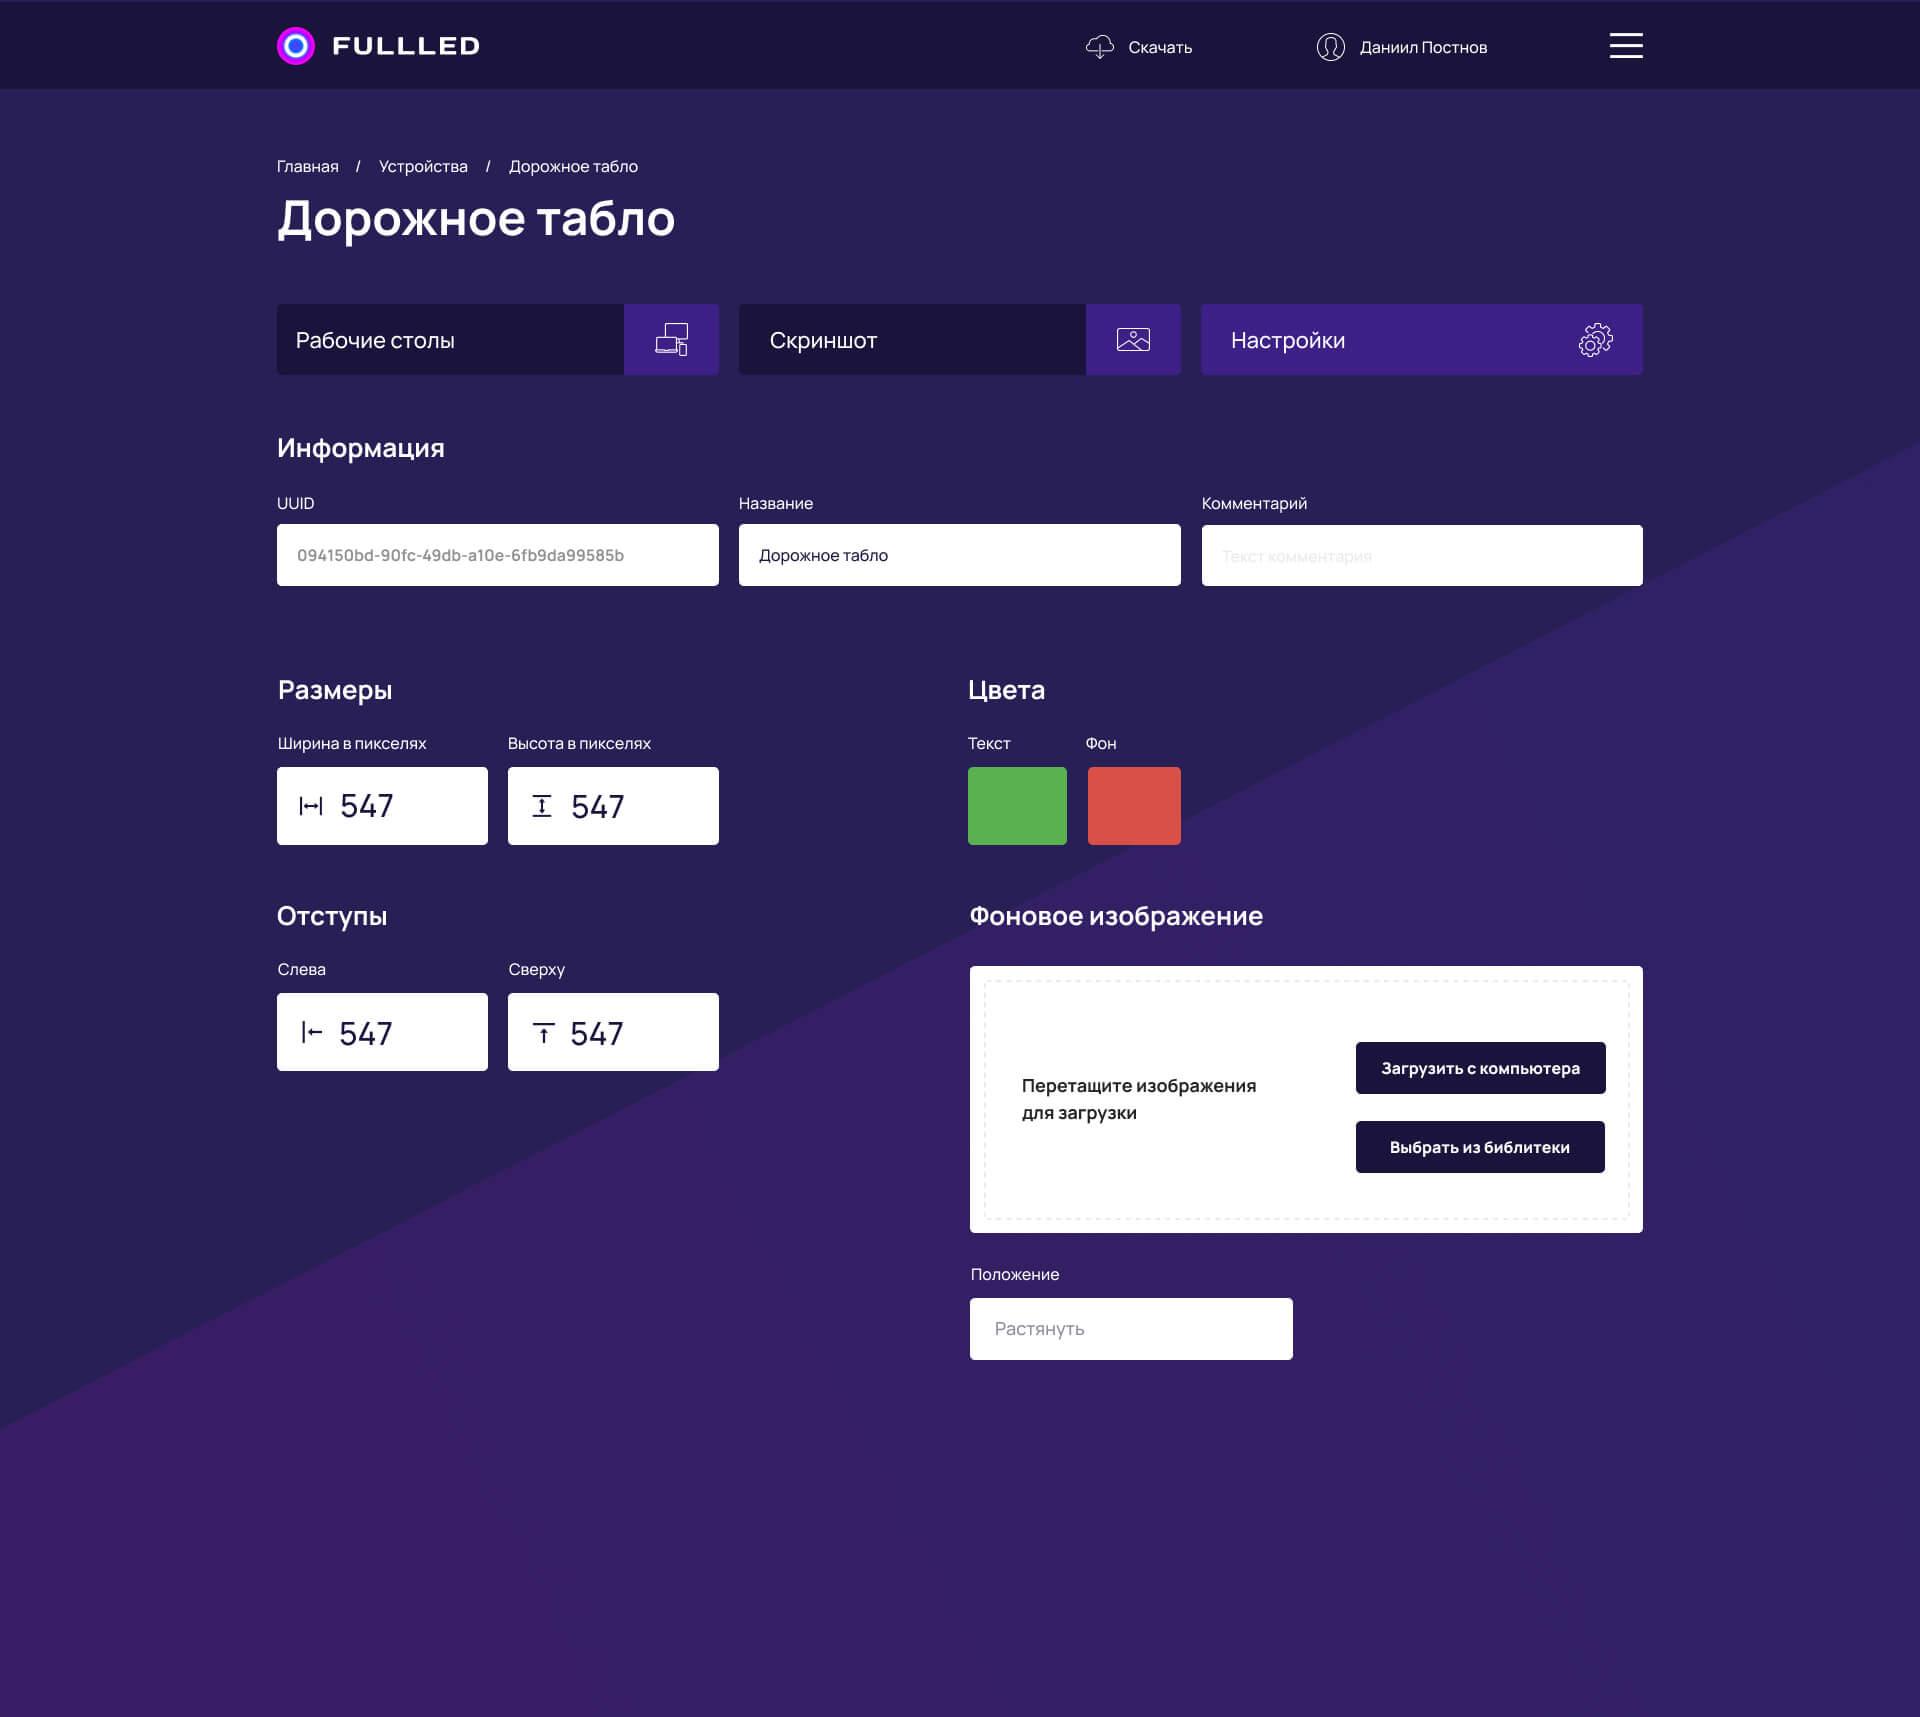 Дизайн мобильного приложения  и веб-версии для компании Fulled 17